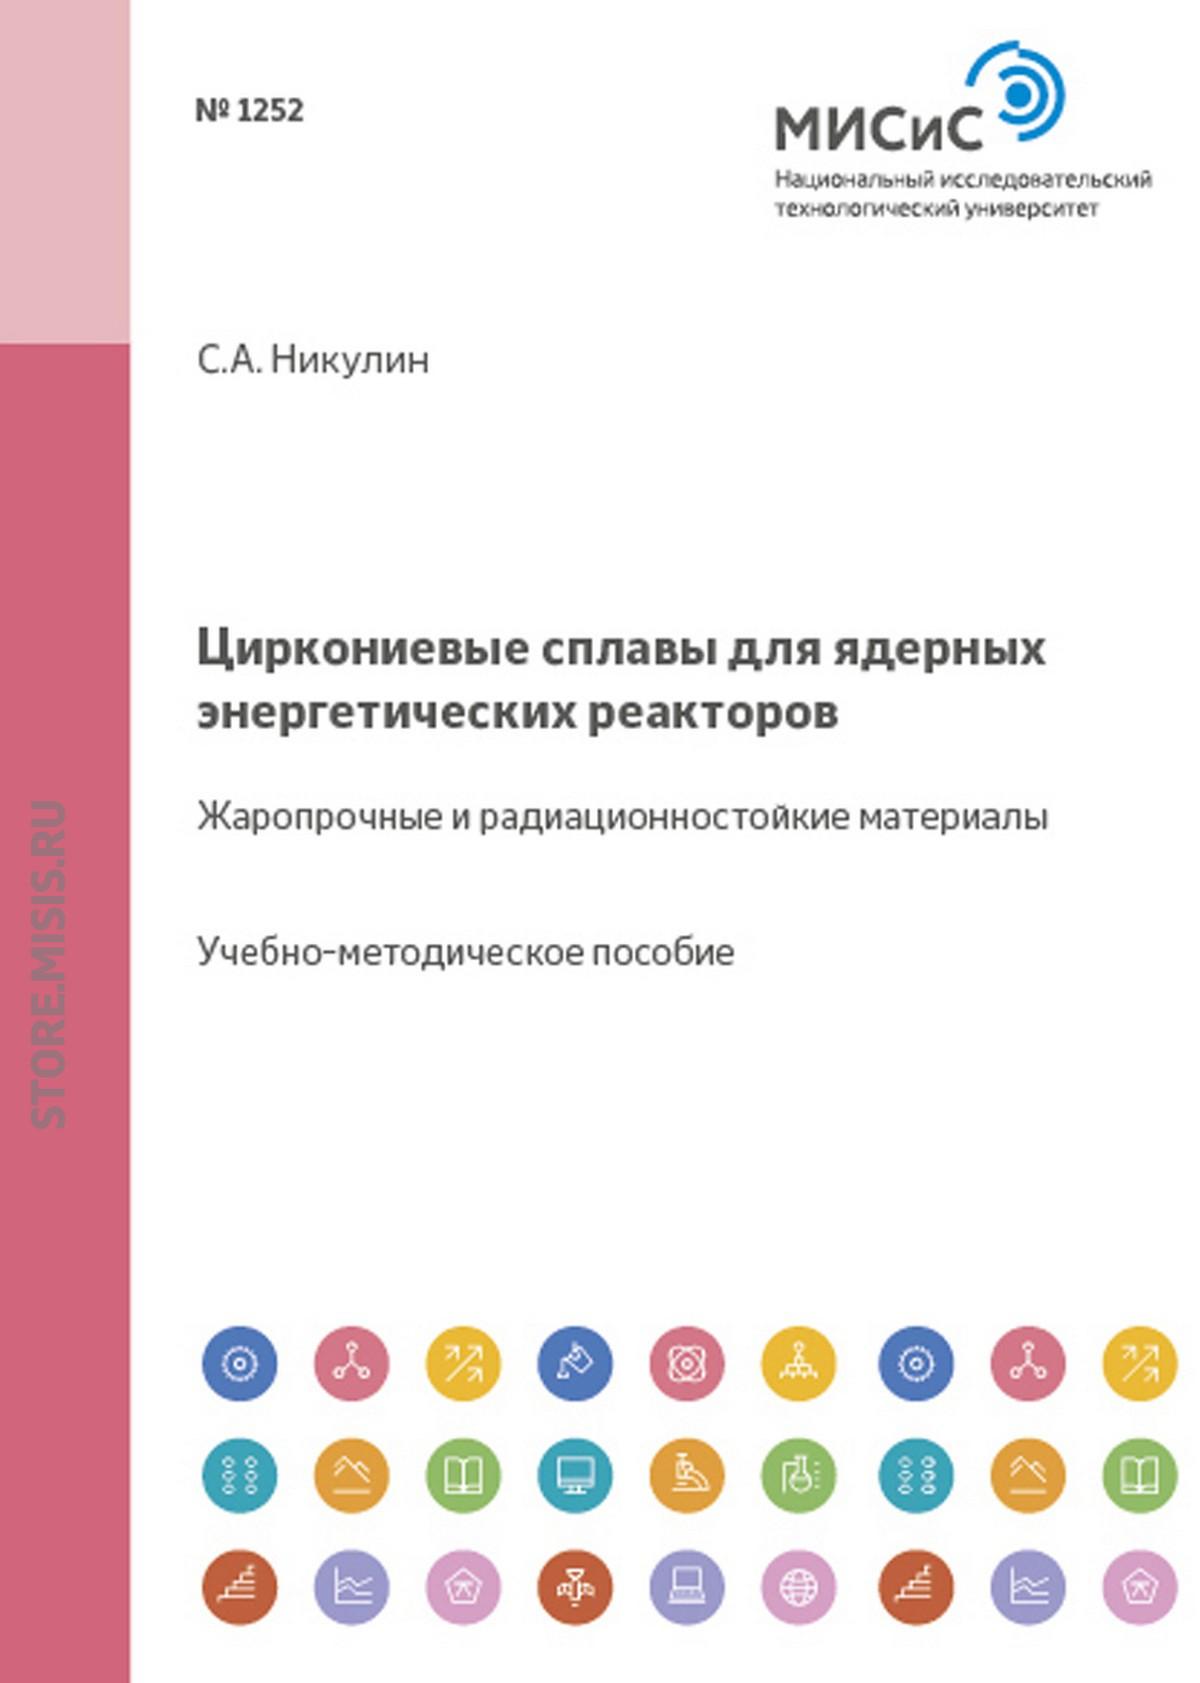 Сергей Никулин Циркониевые сплавы для ядерных энергетических реакторов. Жаропрочные и радиационностойкие материалы